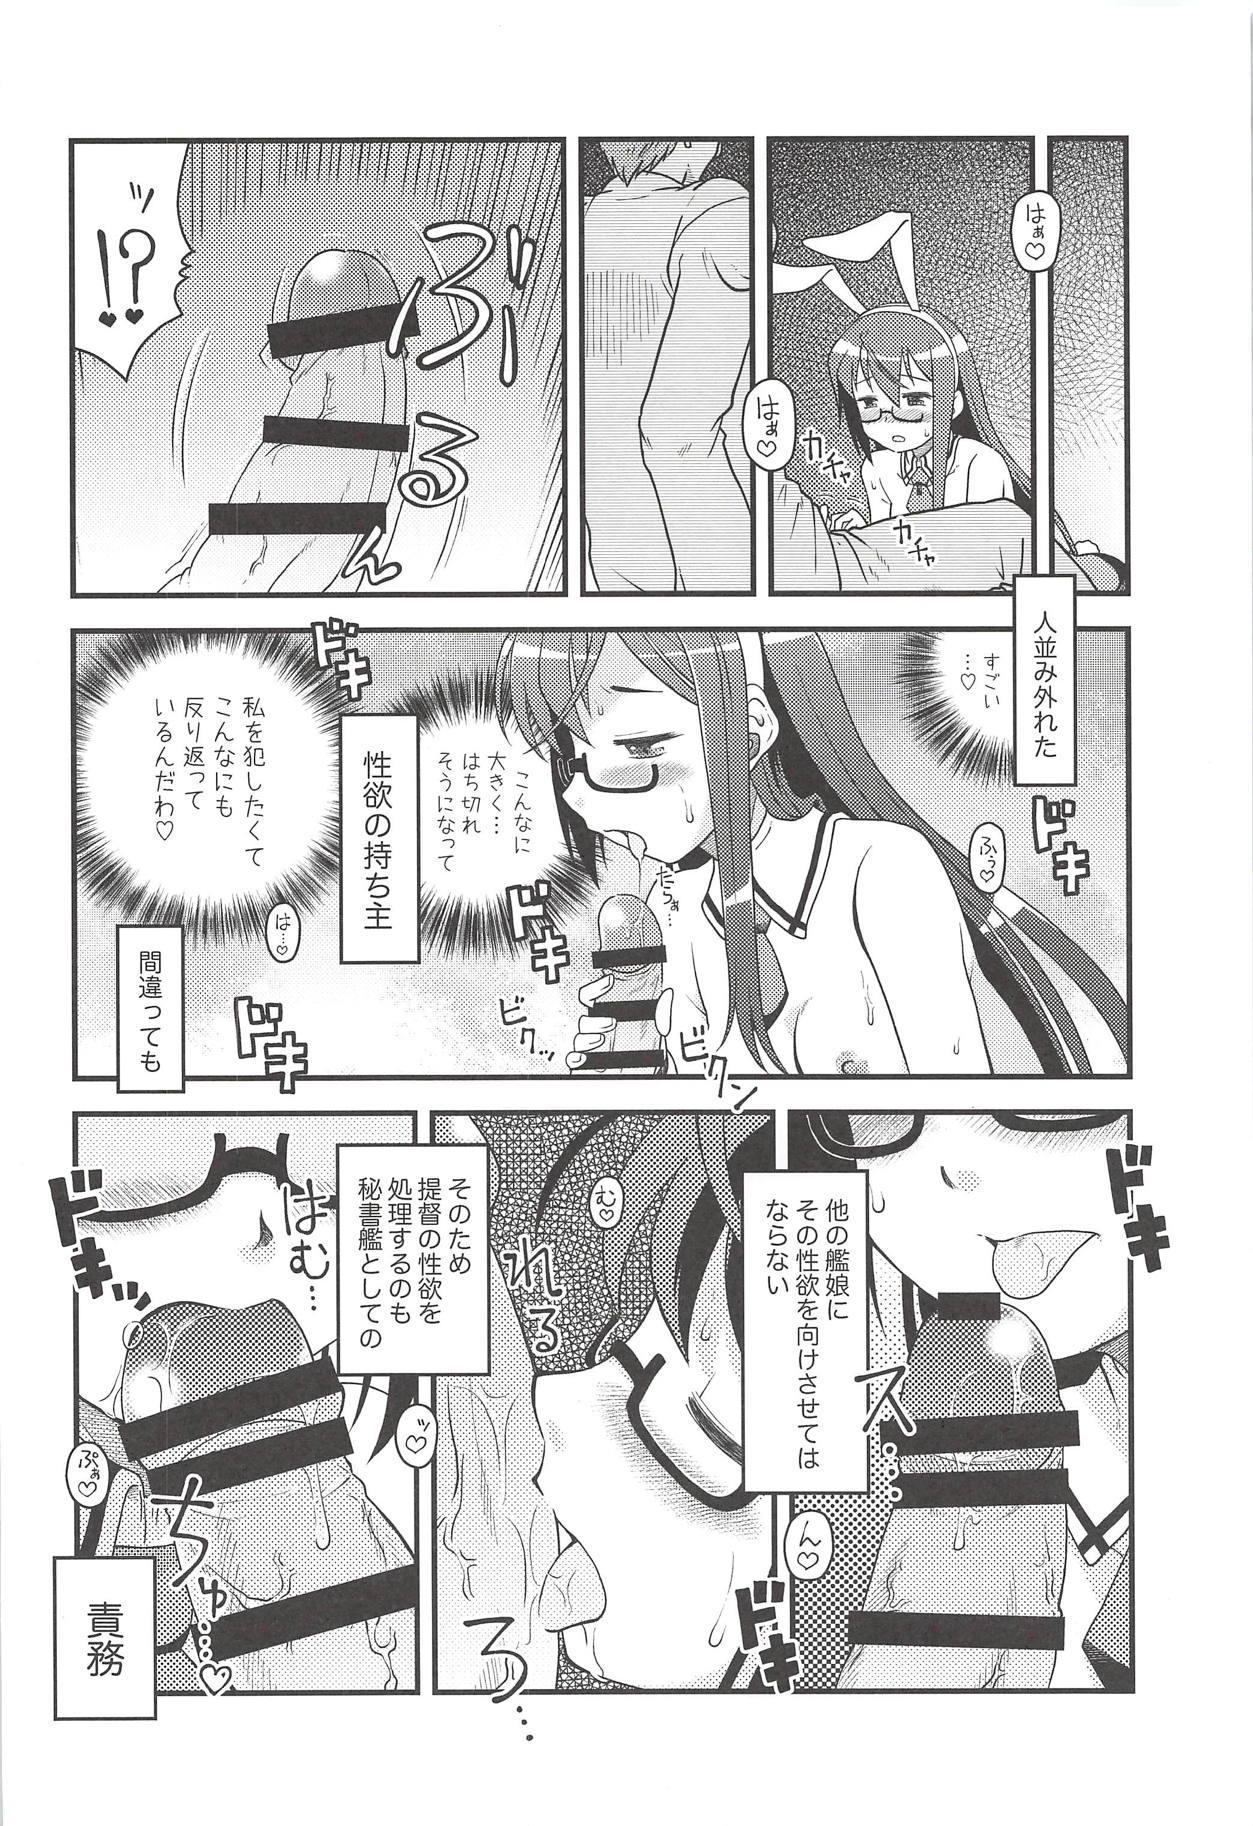 Bunnyodo Tadaima Hatsujouchuu 6